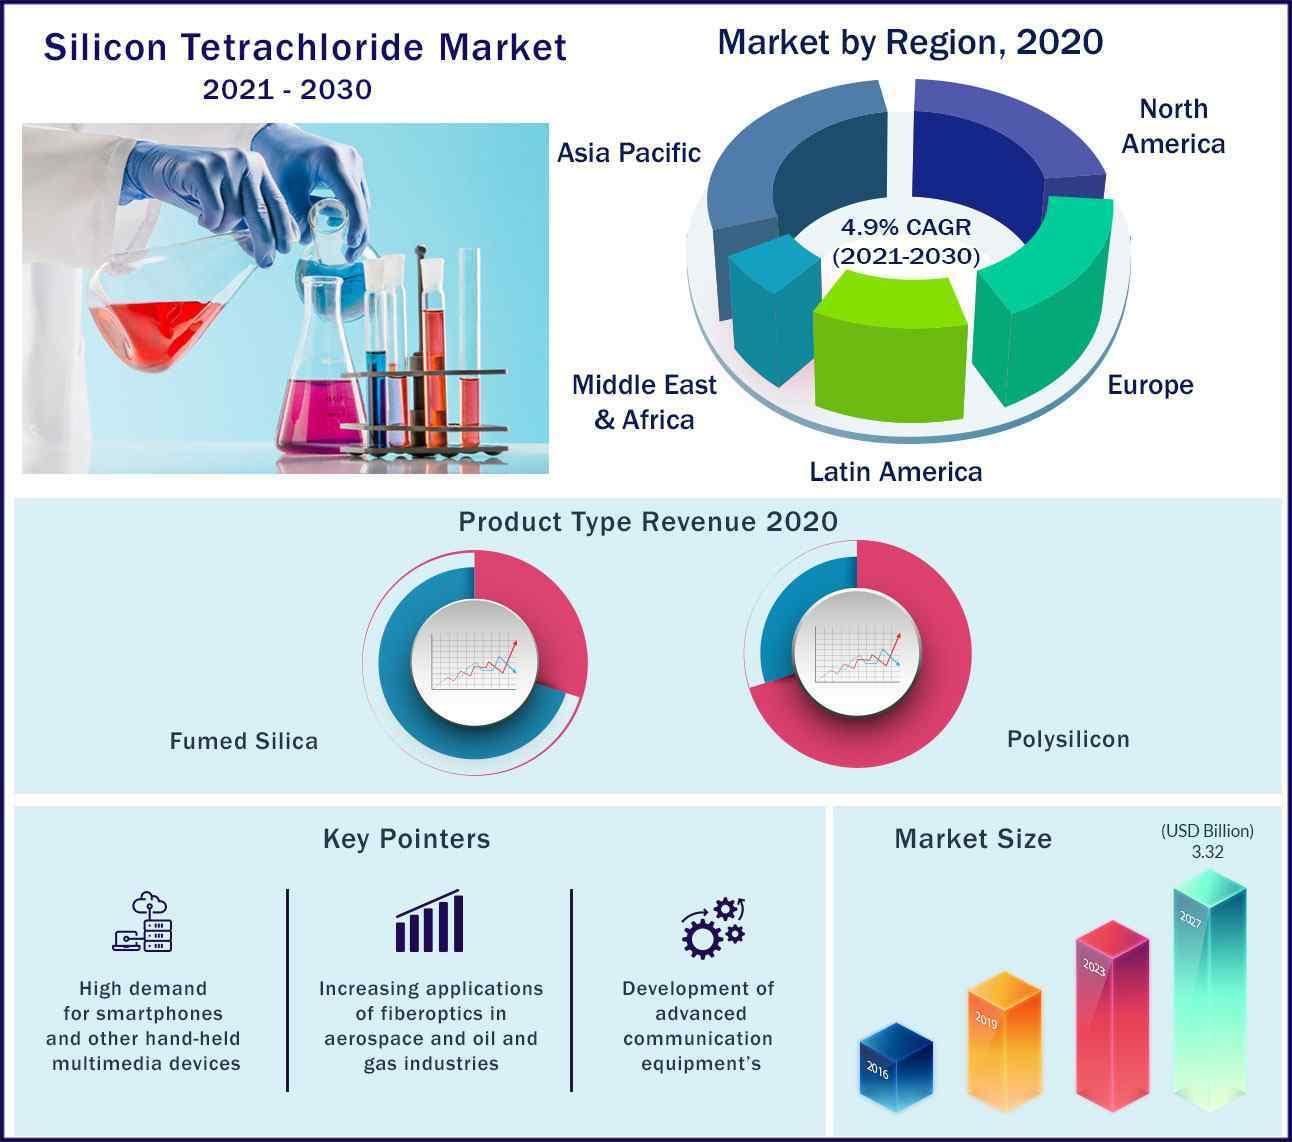 Global Silicon Tetrachloride Market 2021-2030